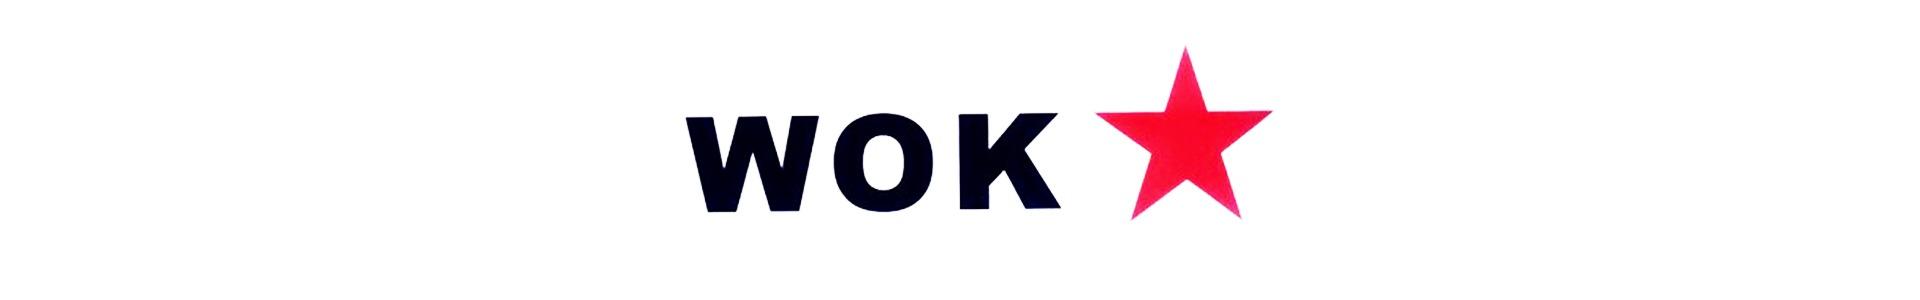 wok-head